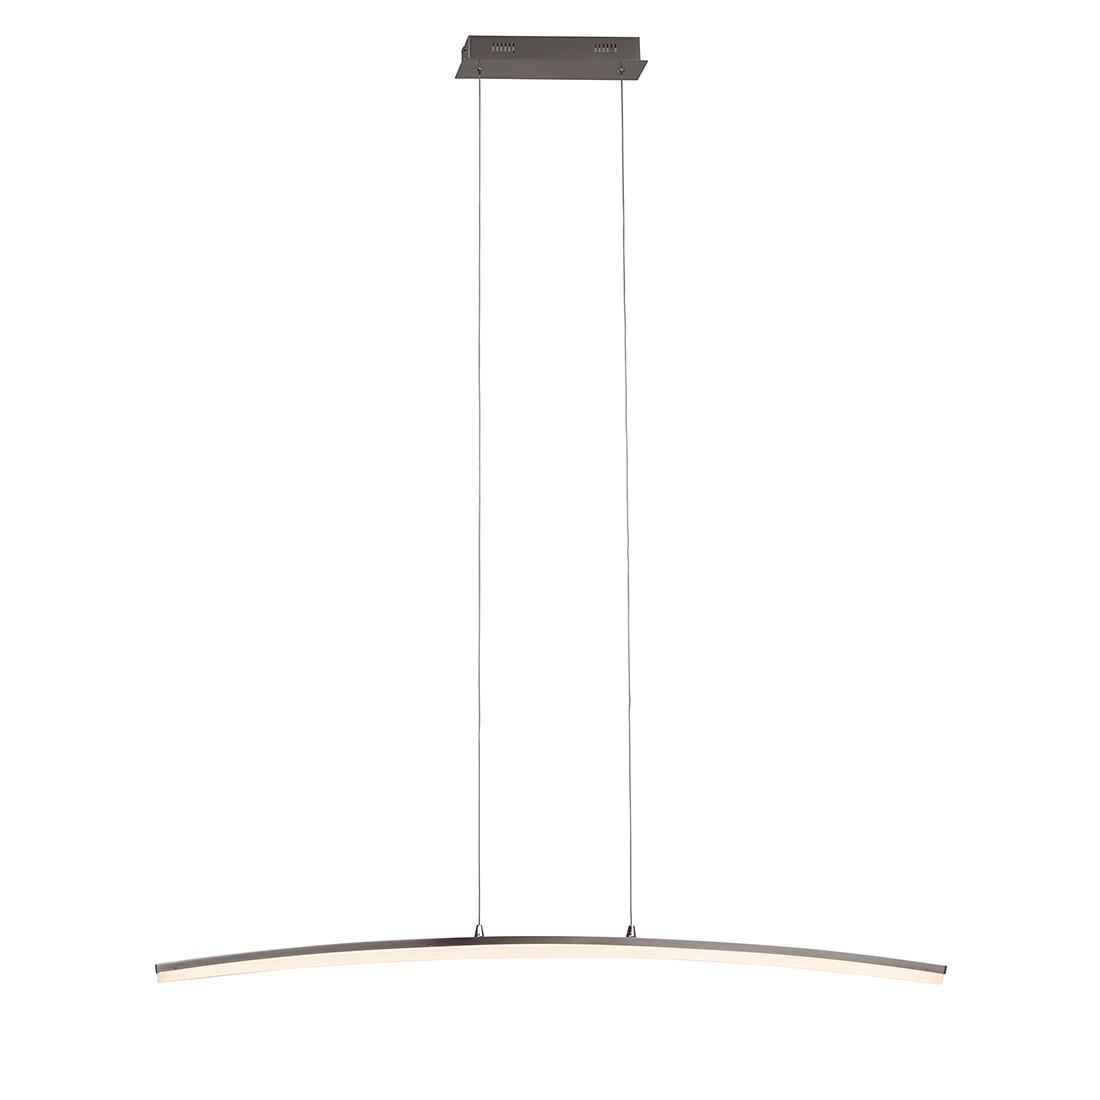 energie  A+, Hanglamp Curved - metaal/zilverkleurig kunststof 1 lichtbron, Brilliant